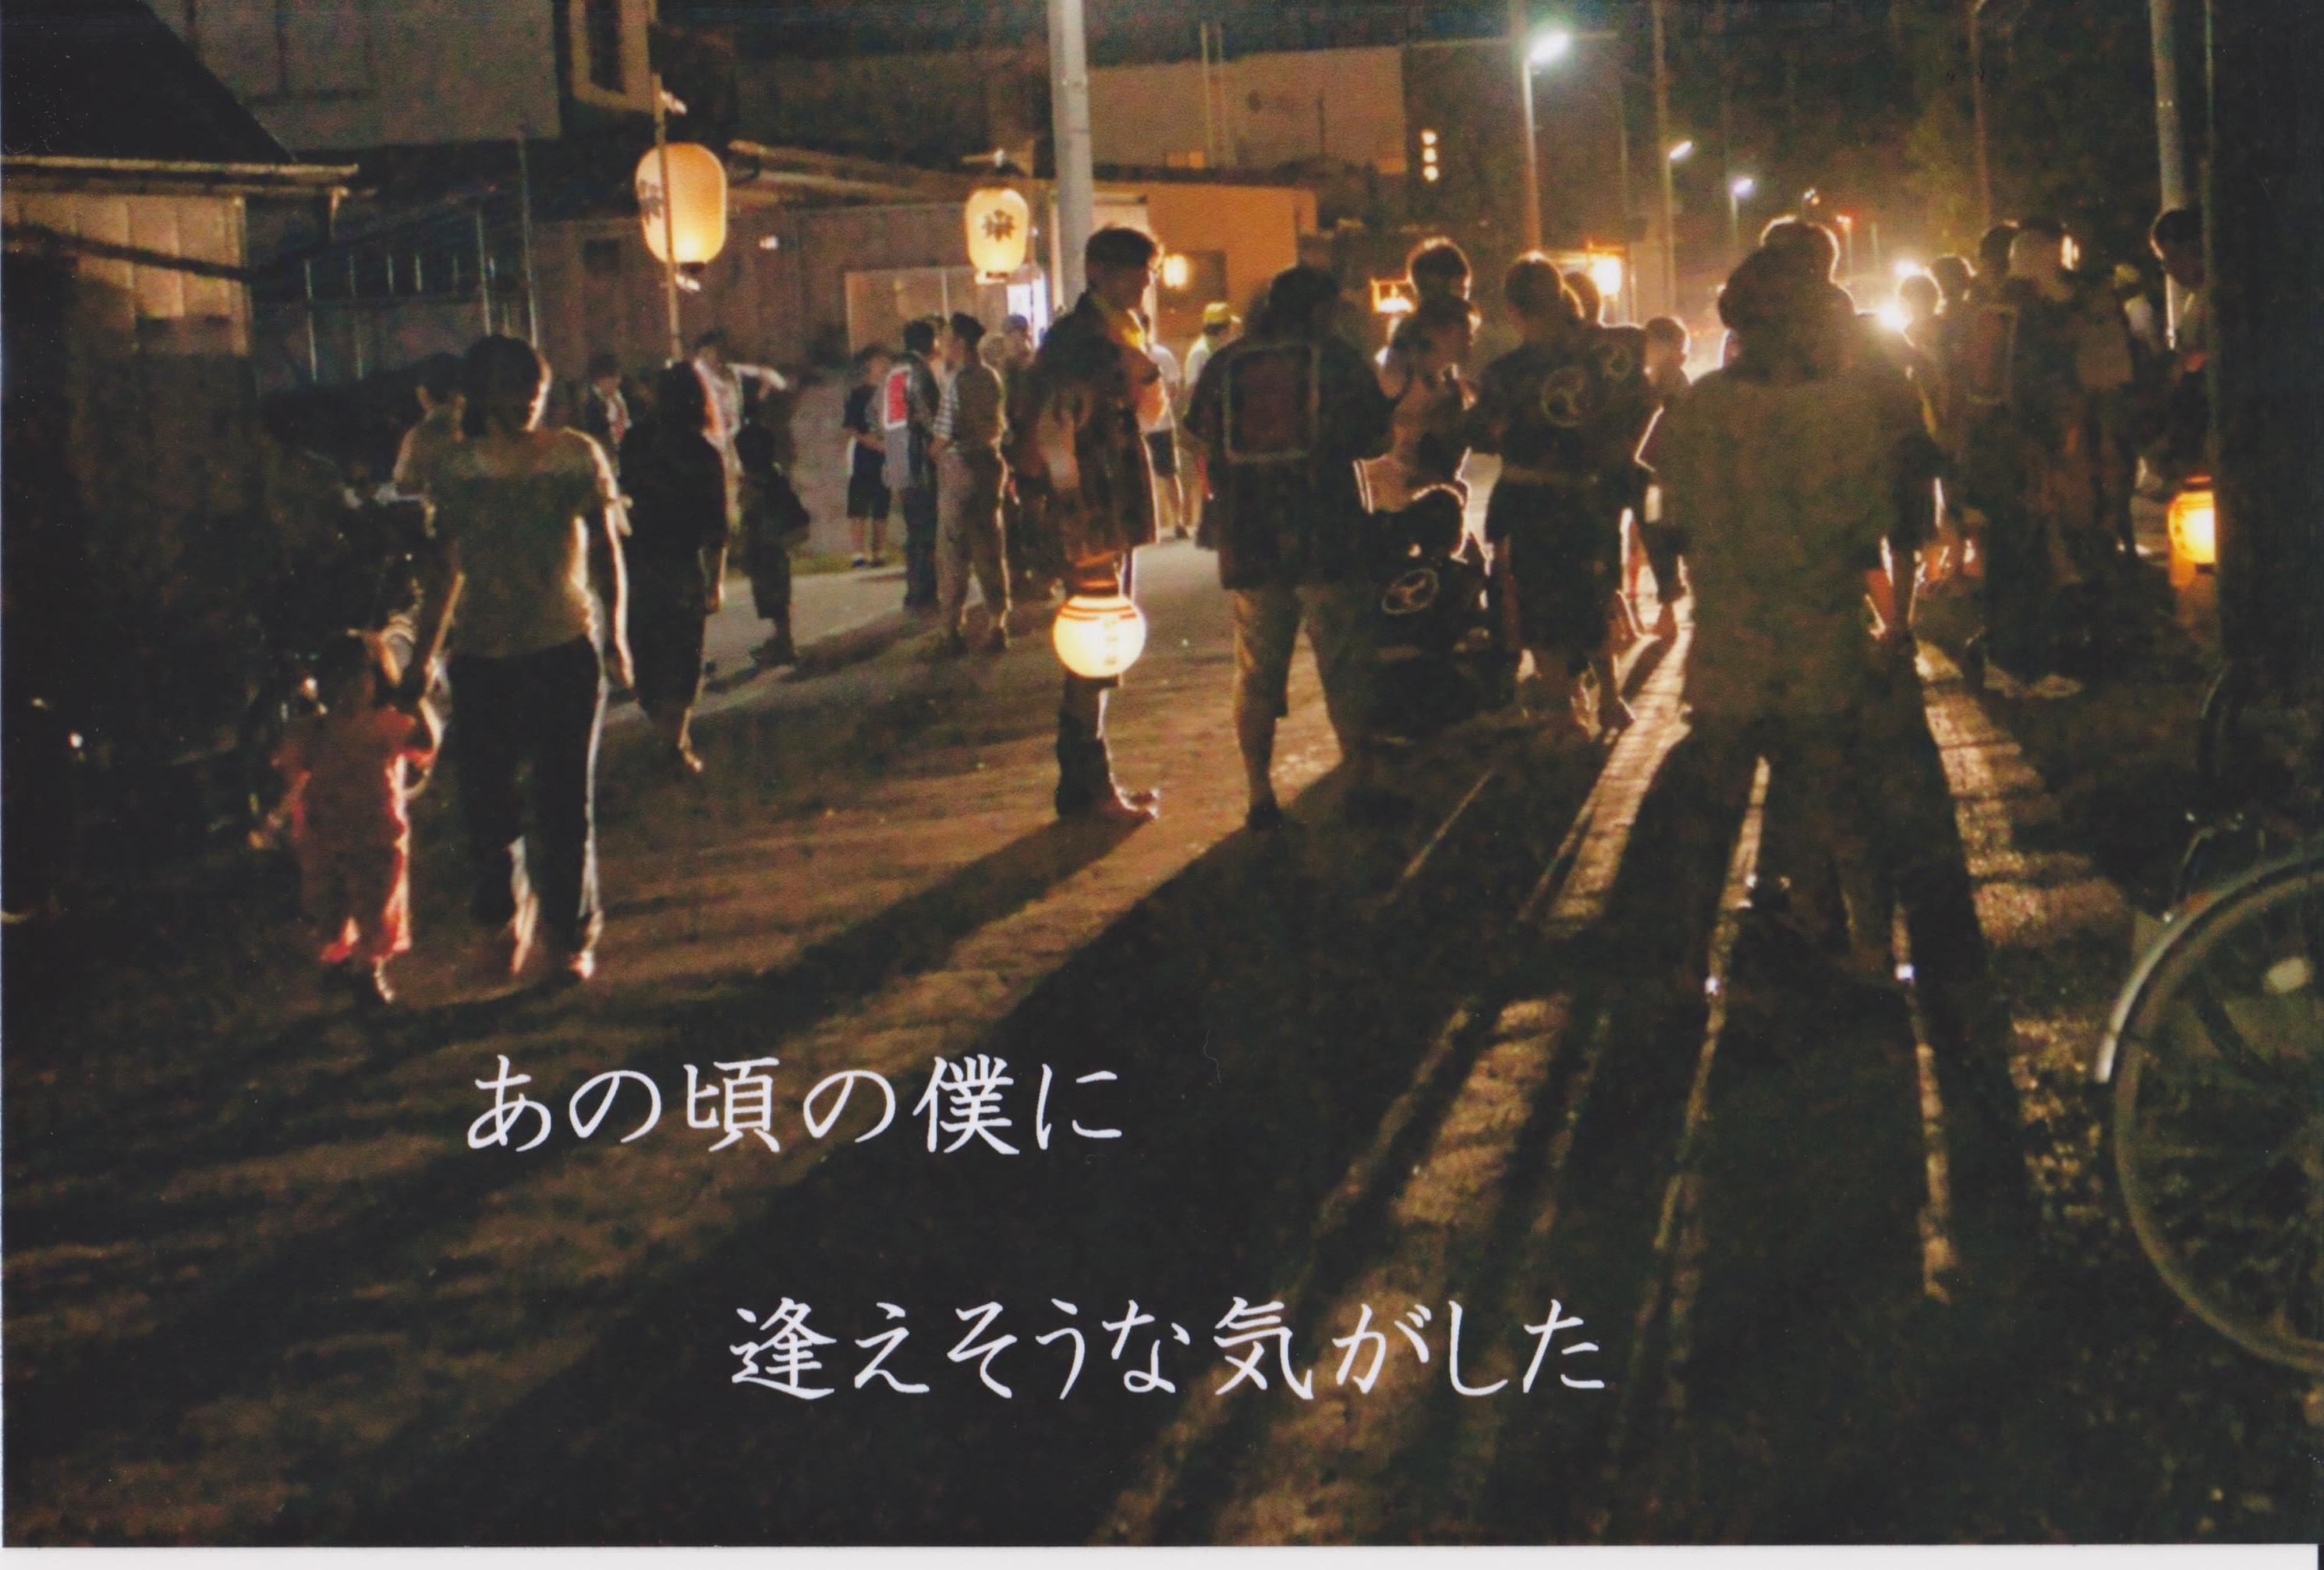 停車場憧憬  祭りの記憶・村の記憶